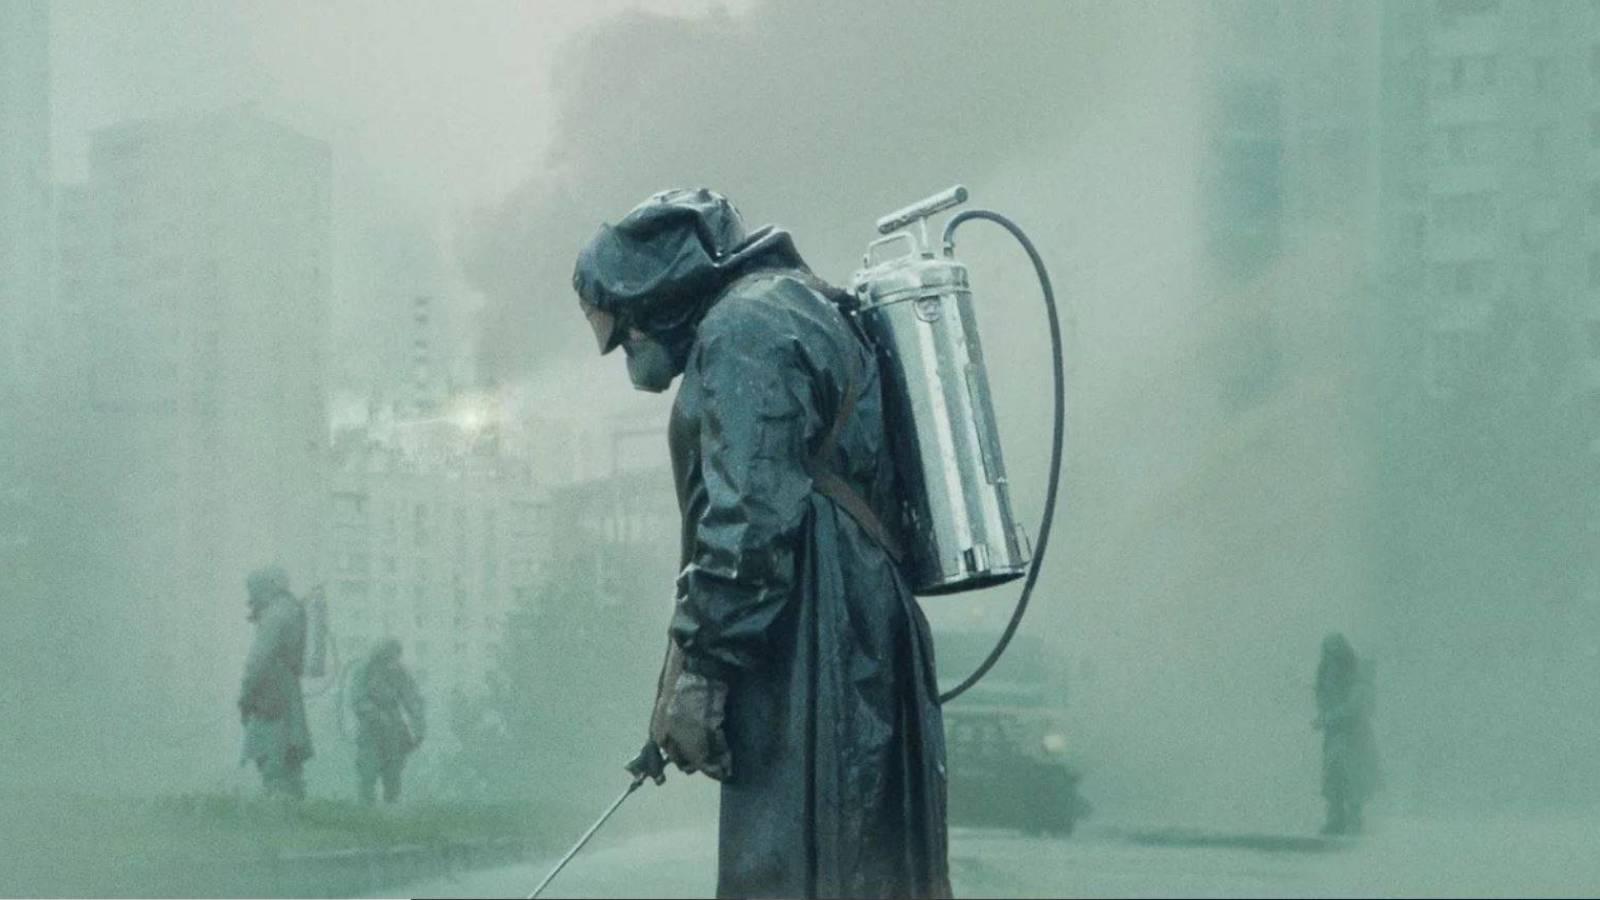 Chernóbil tiene nuevo guardian: tiene cuatro patas y se llama Spot (+Video)